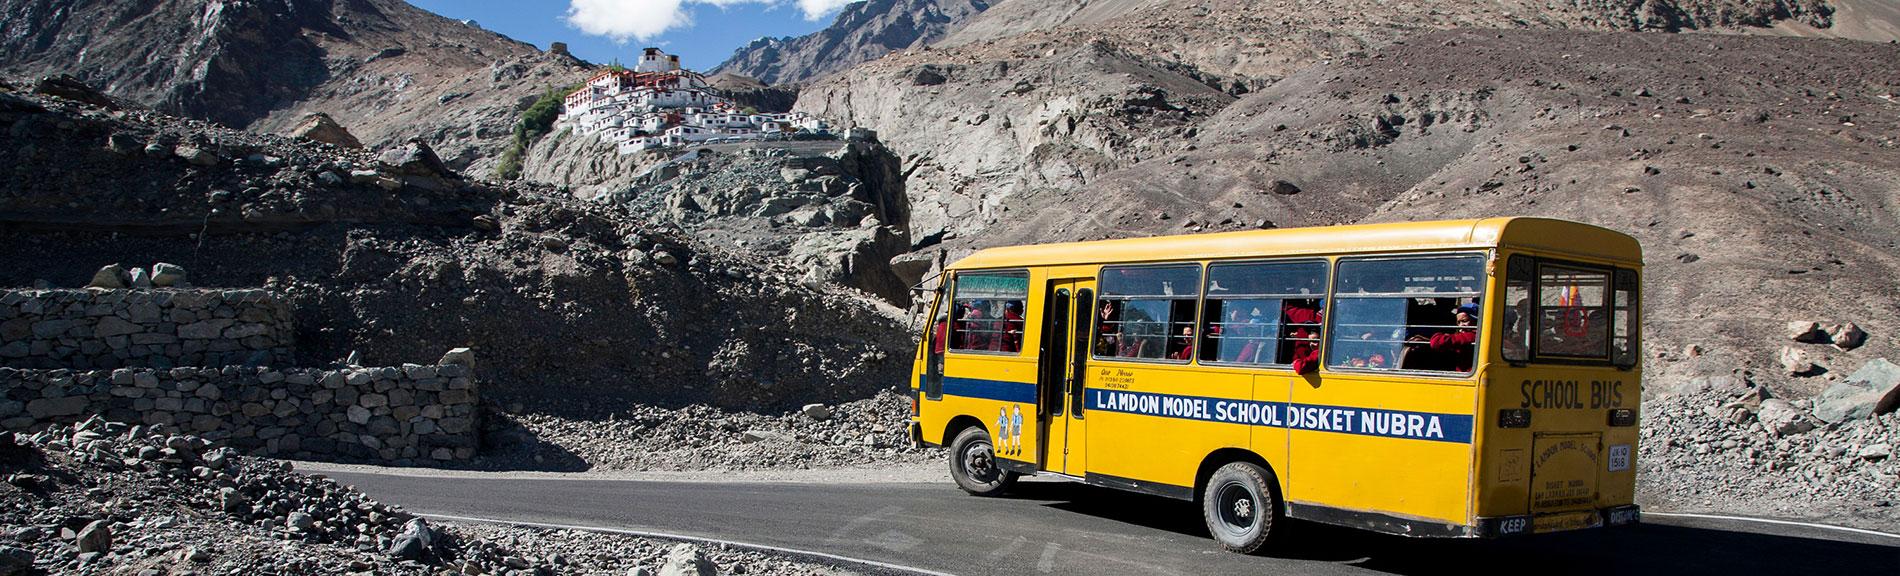 slide-lamdon-model-school-nubra-bus